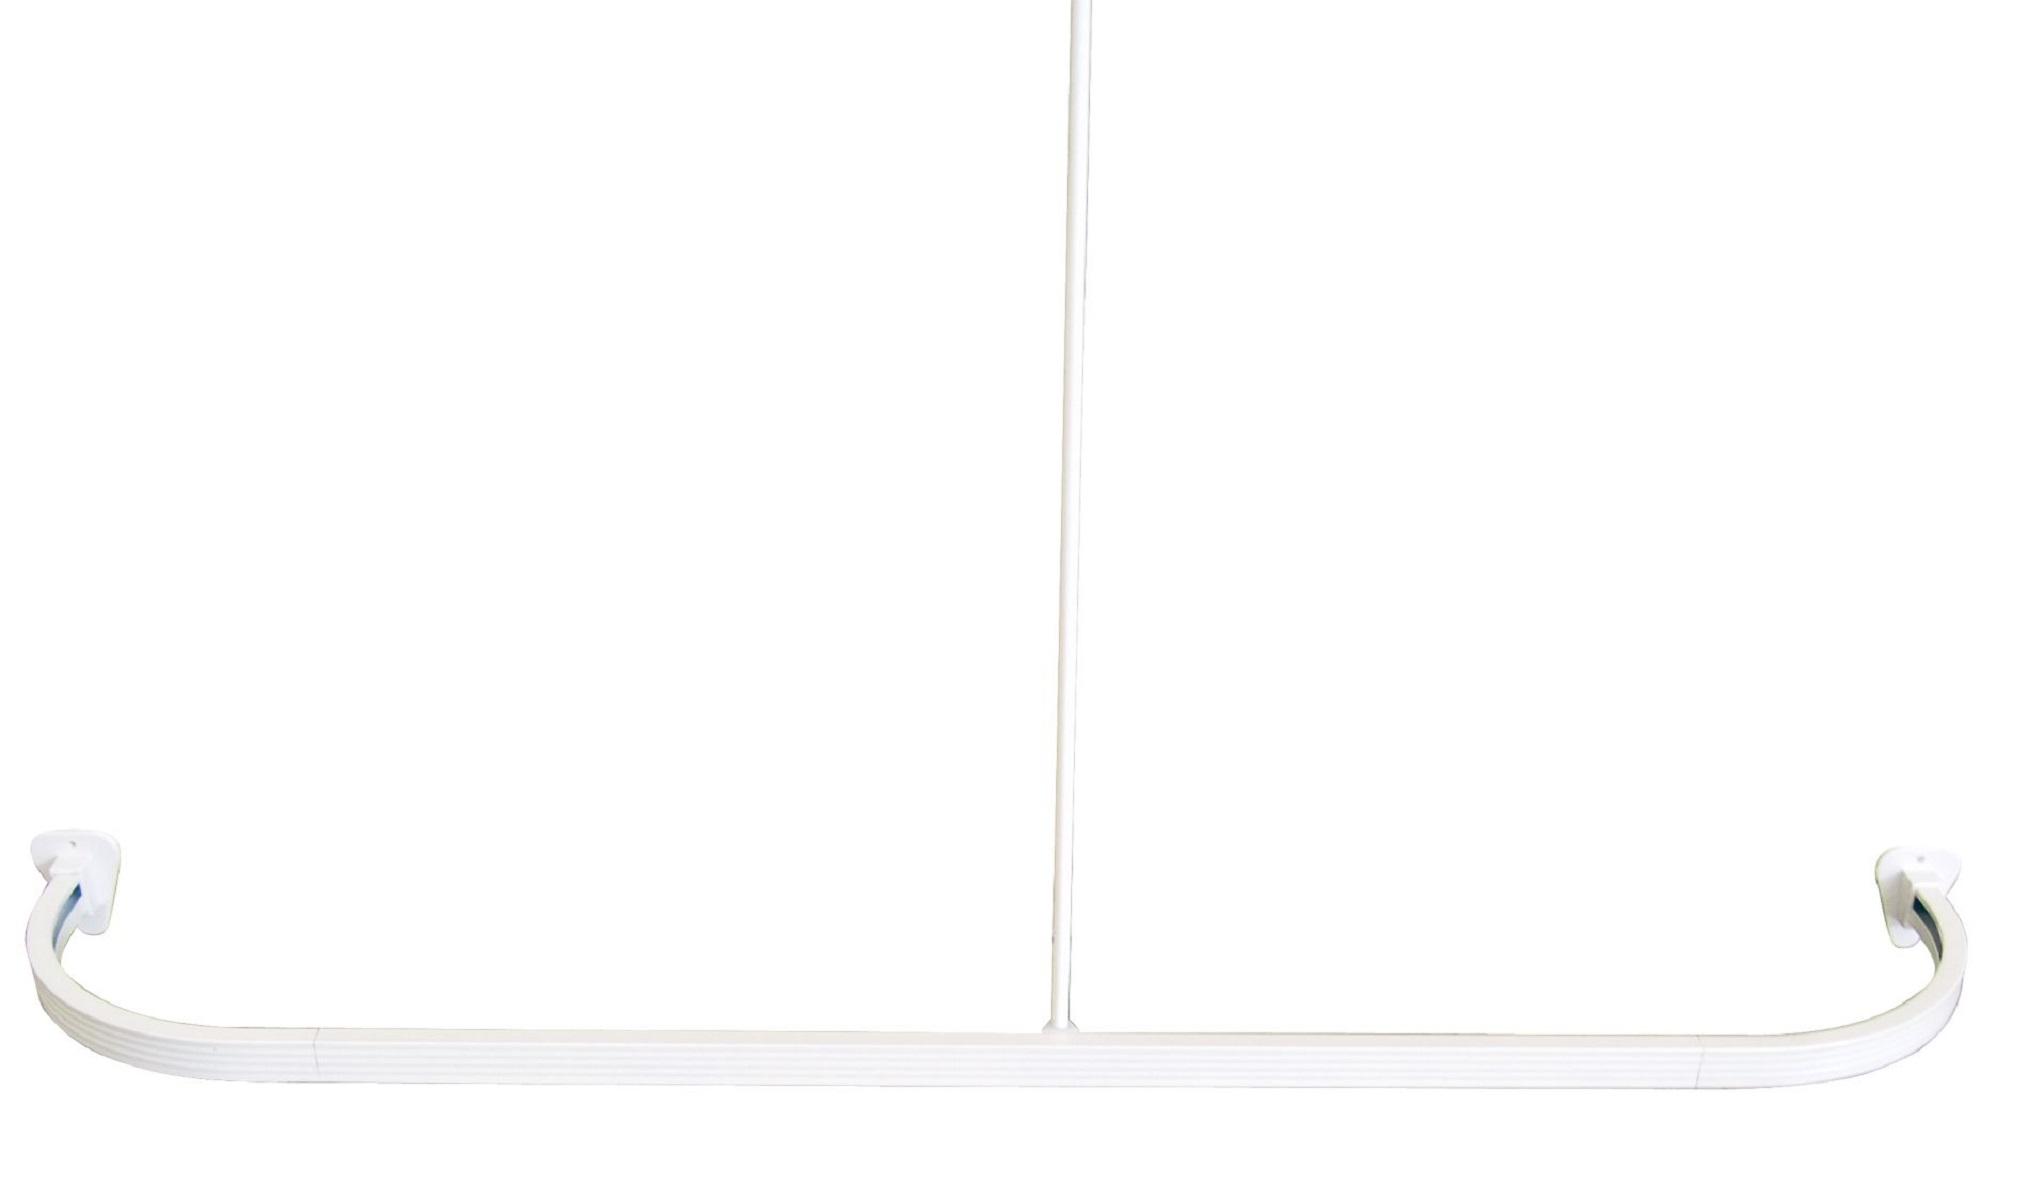 Штанга для ванной комнаты Ridder, универсальная, цвет: белый. 5250152501Высококачественная немецкая штанга выполнена из алюминия. Максимальный размер: 160 х 70 см. Крючки для штор вставляются в нижние полозья. Для предотвращения царапин на штангу из спрессованного алюминия наносится специальное покрытие. Установка данной штанги требует сверления. Комплект: штанга - 3 шт штанга потолочная - 1 шт угловой соединитель - 2 шт крепление к стене - 2 шт саморез+дюбель - 6 шт